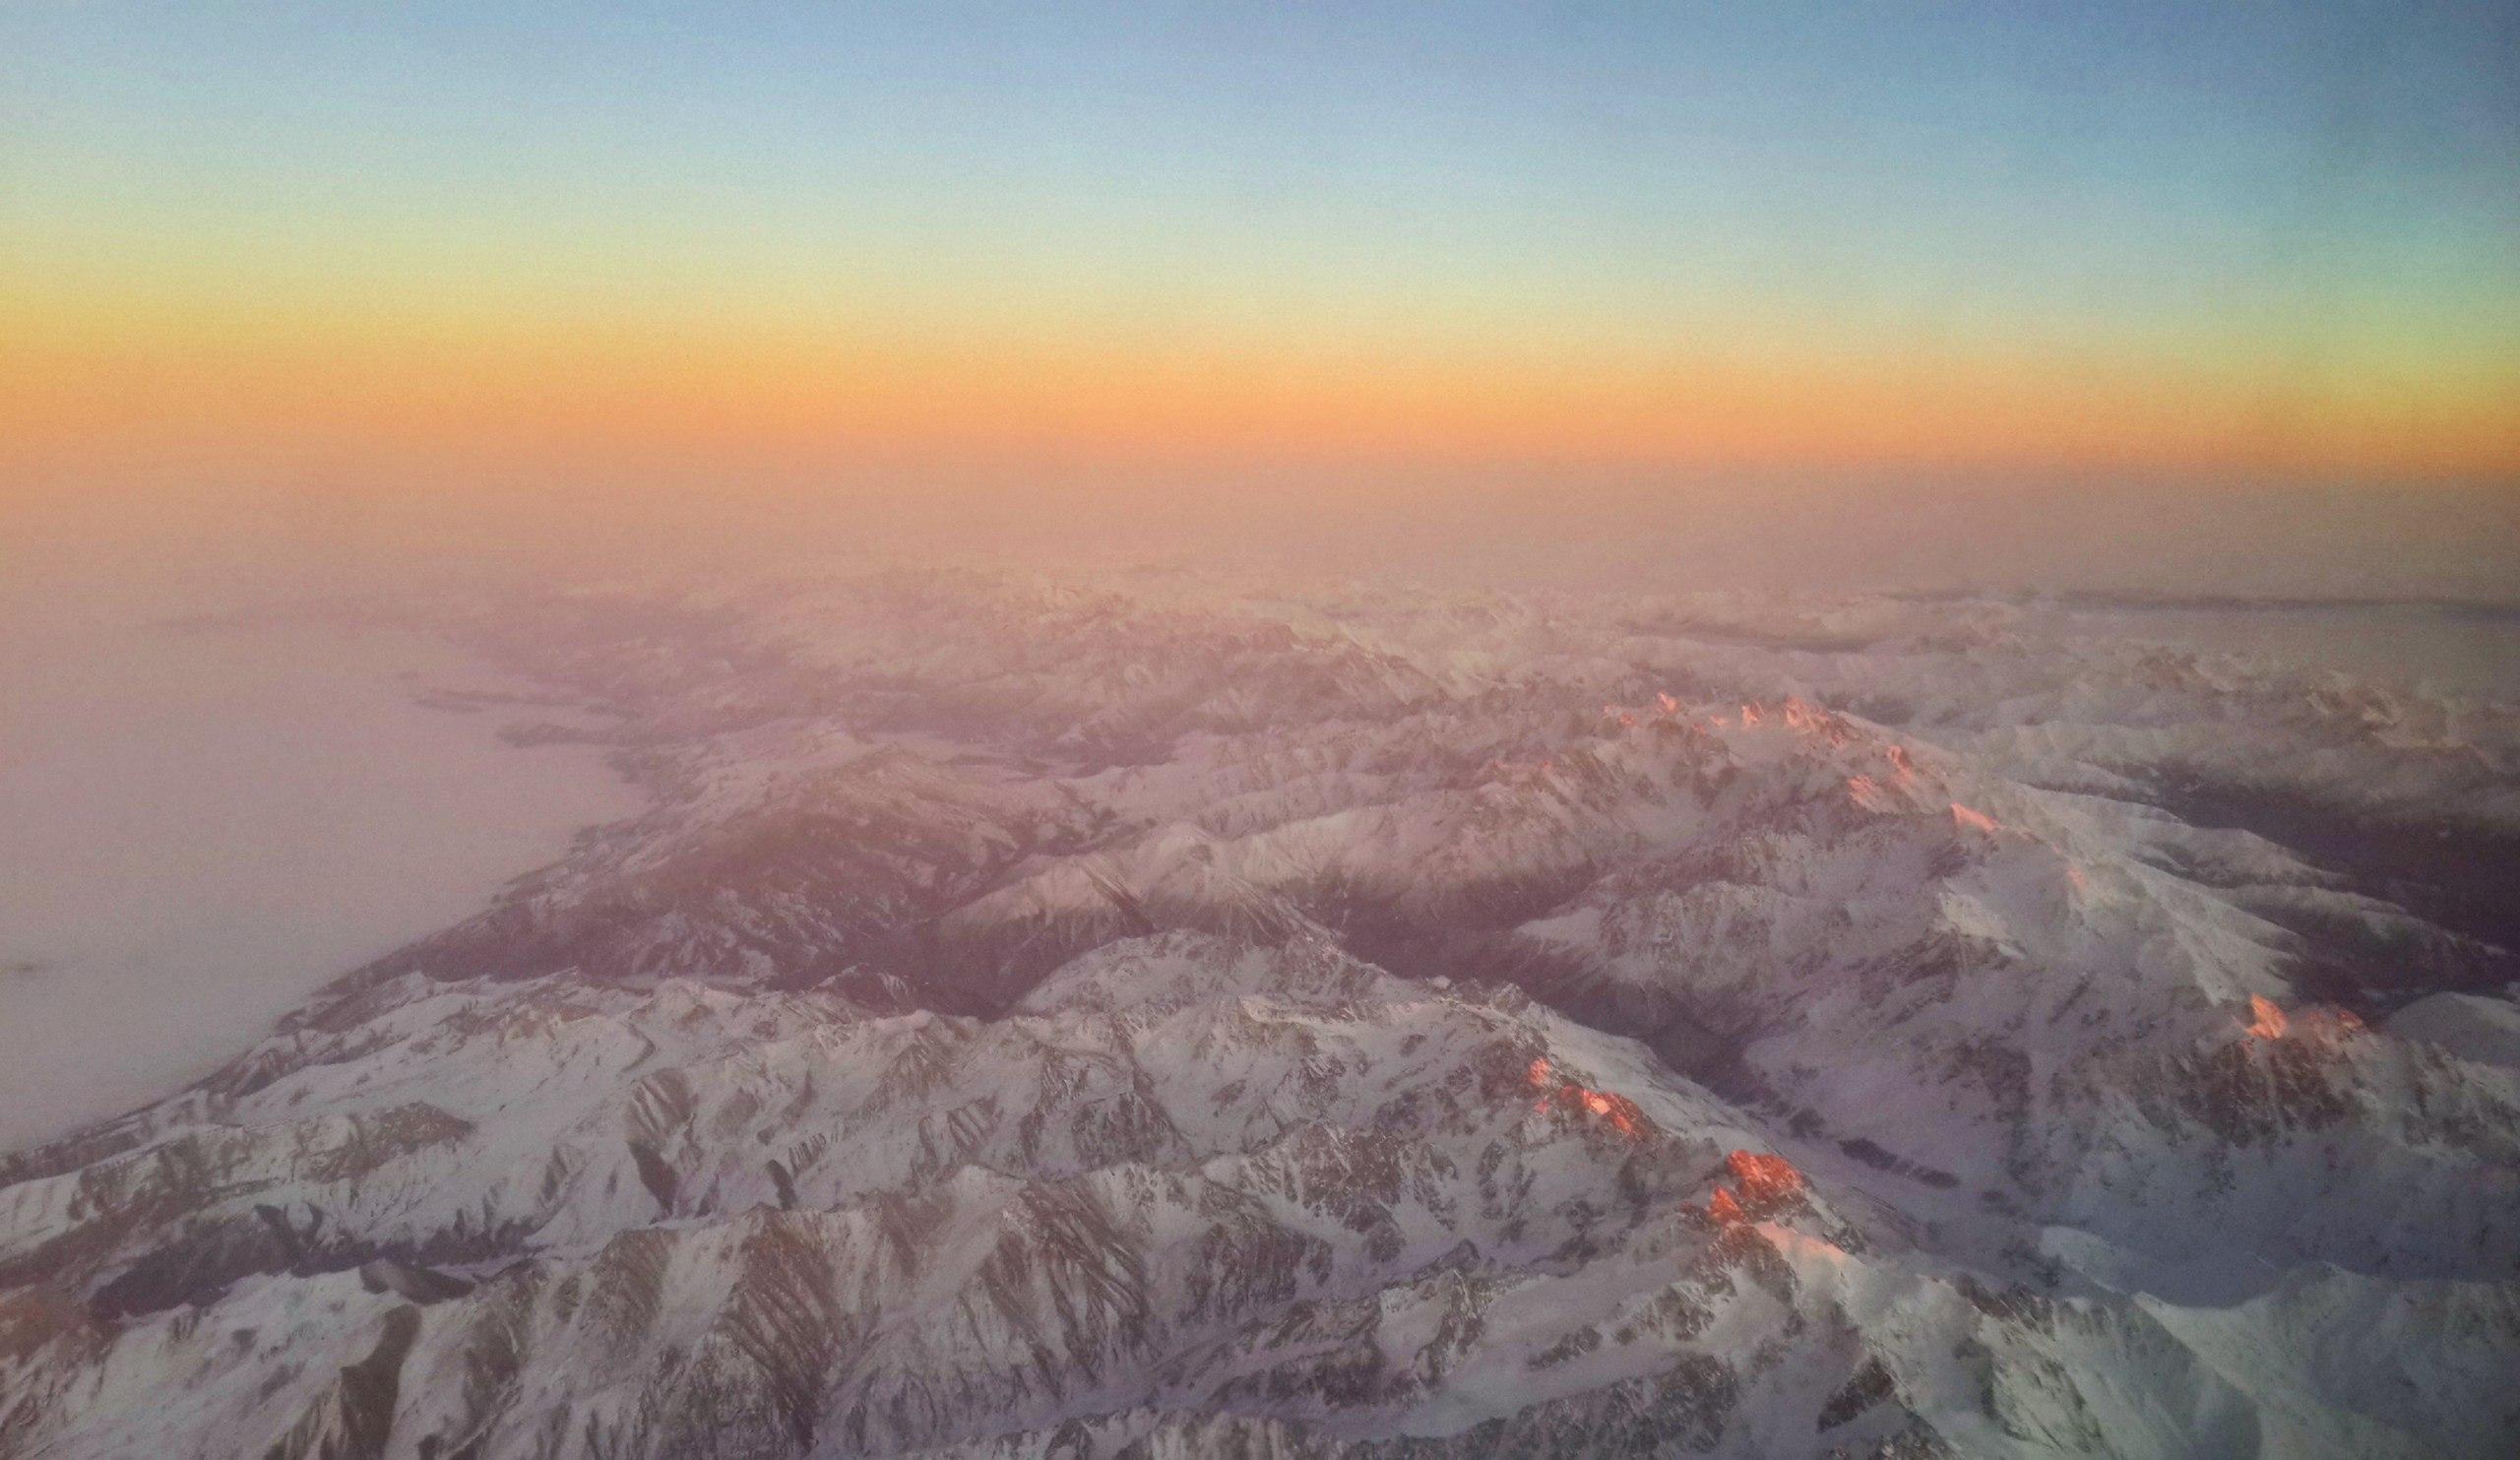 Закат над Кавказом, ноябрь 2016